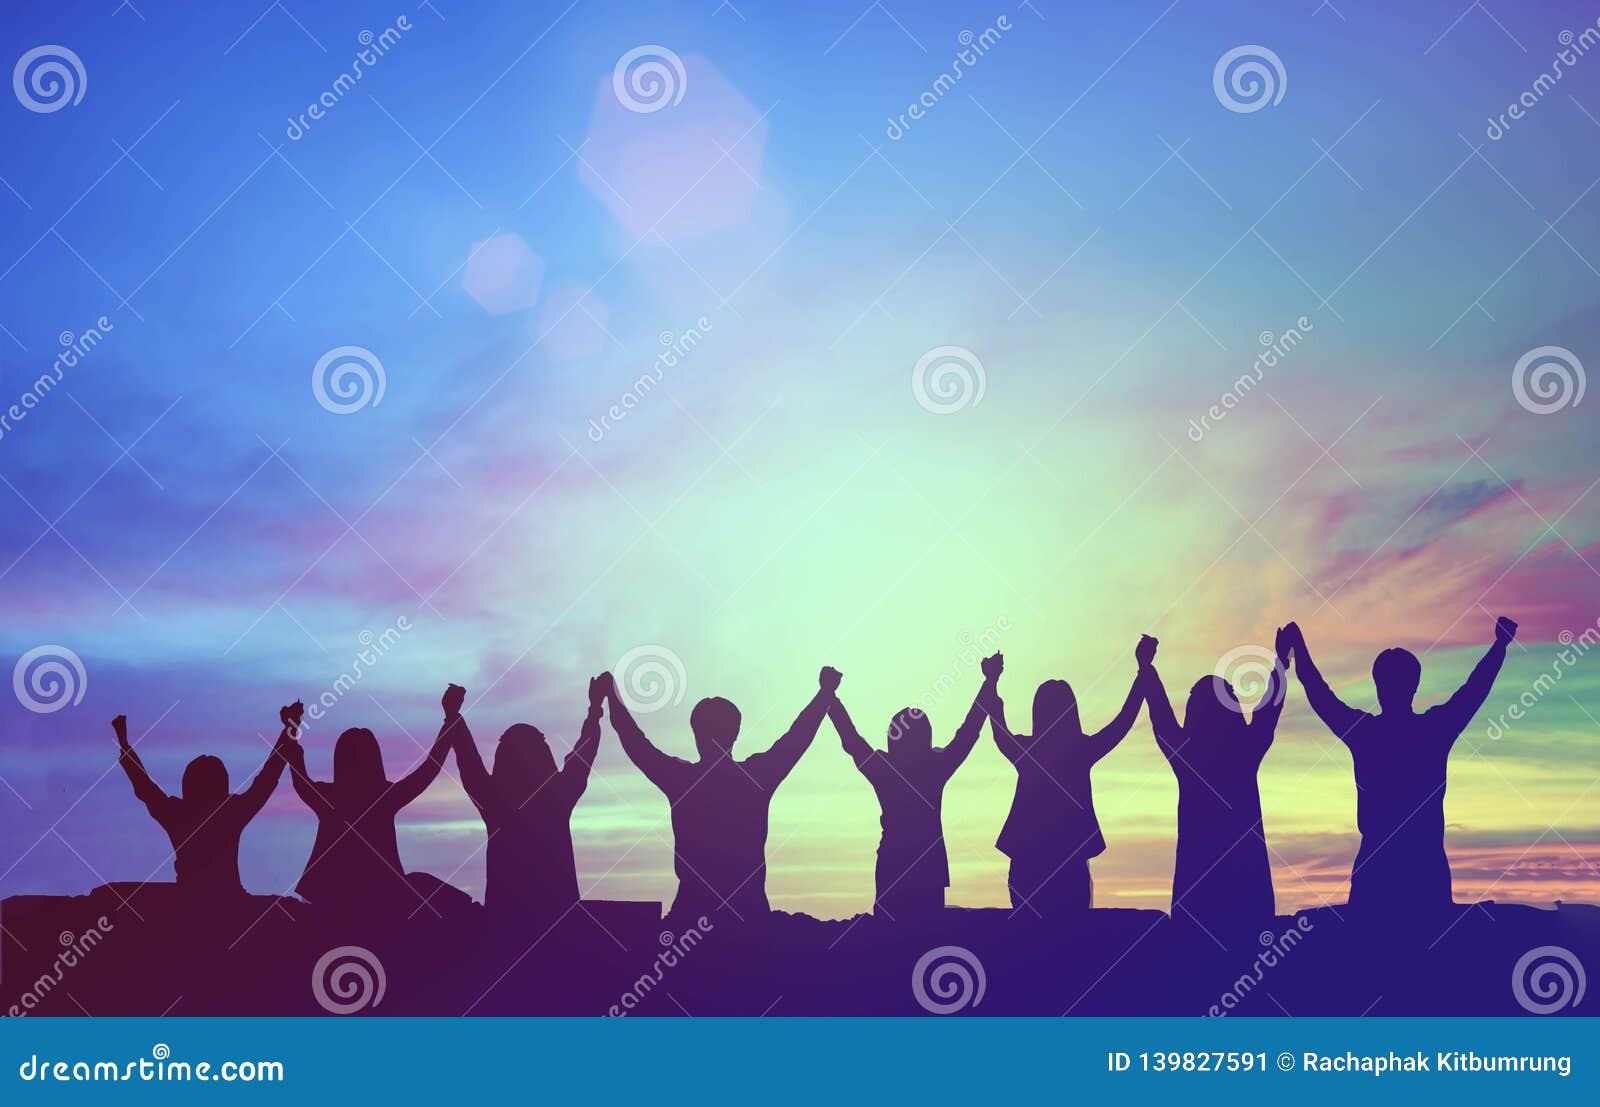 Silhouet van de gelukkige handen van de groepswerkgreep omhoog als succesvolle zaken, overwinning Bedrijfsdoelvoltooiing, geraakt